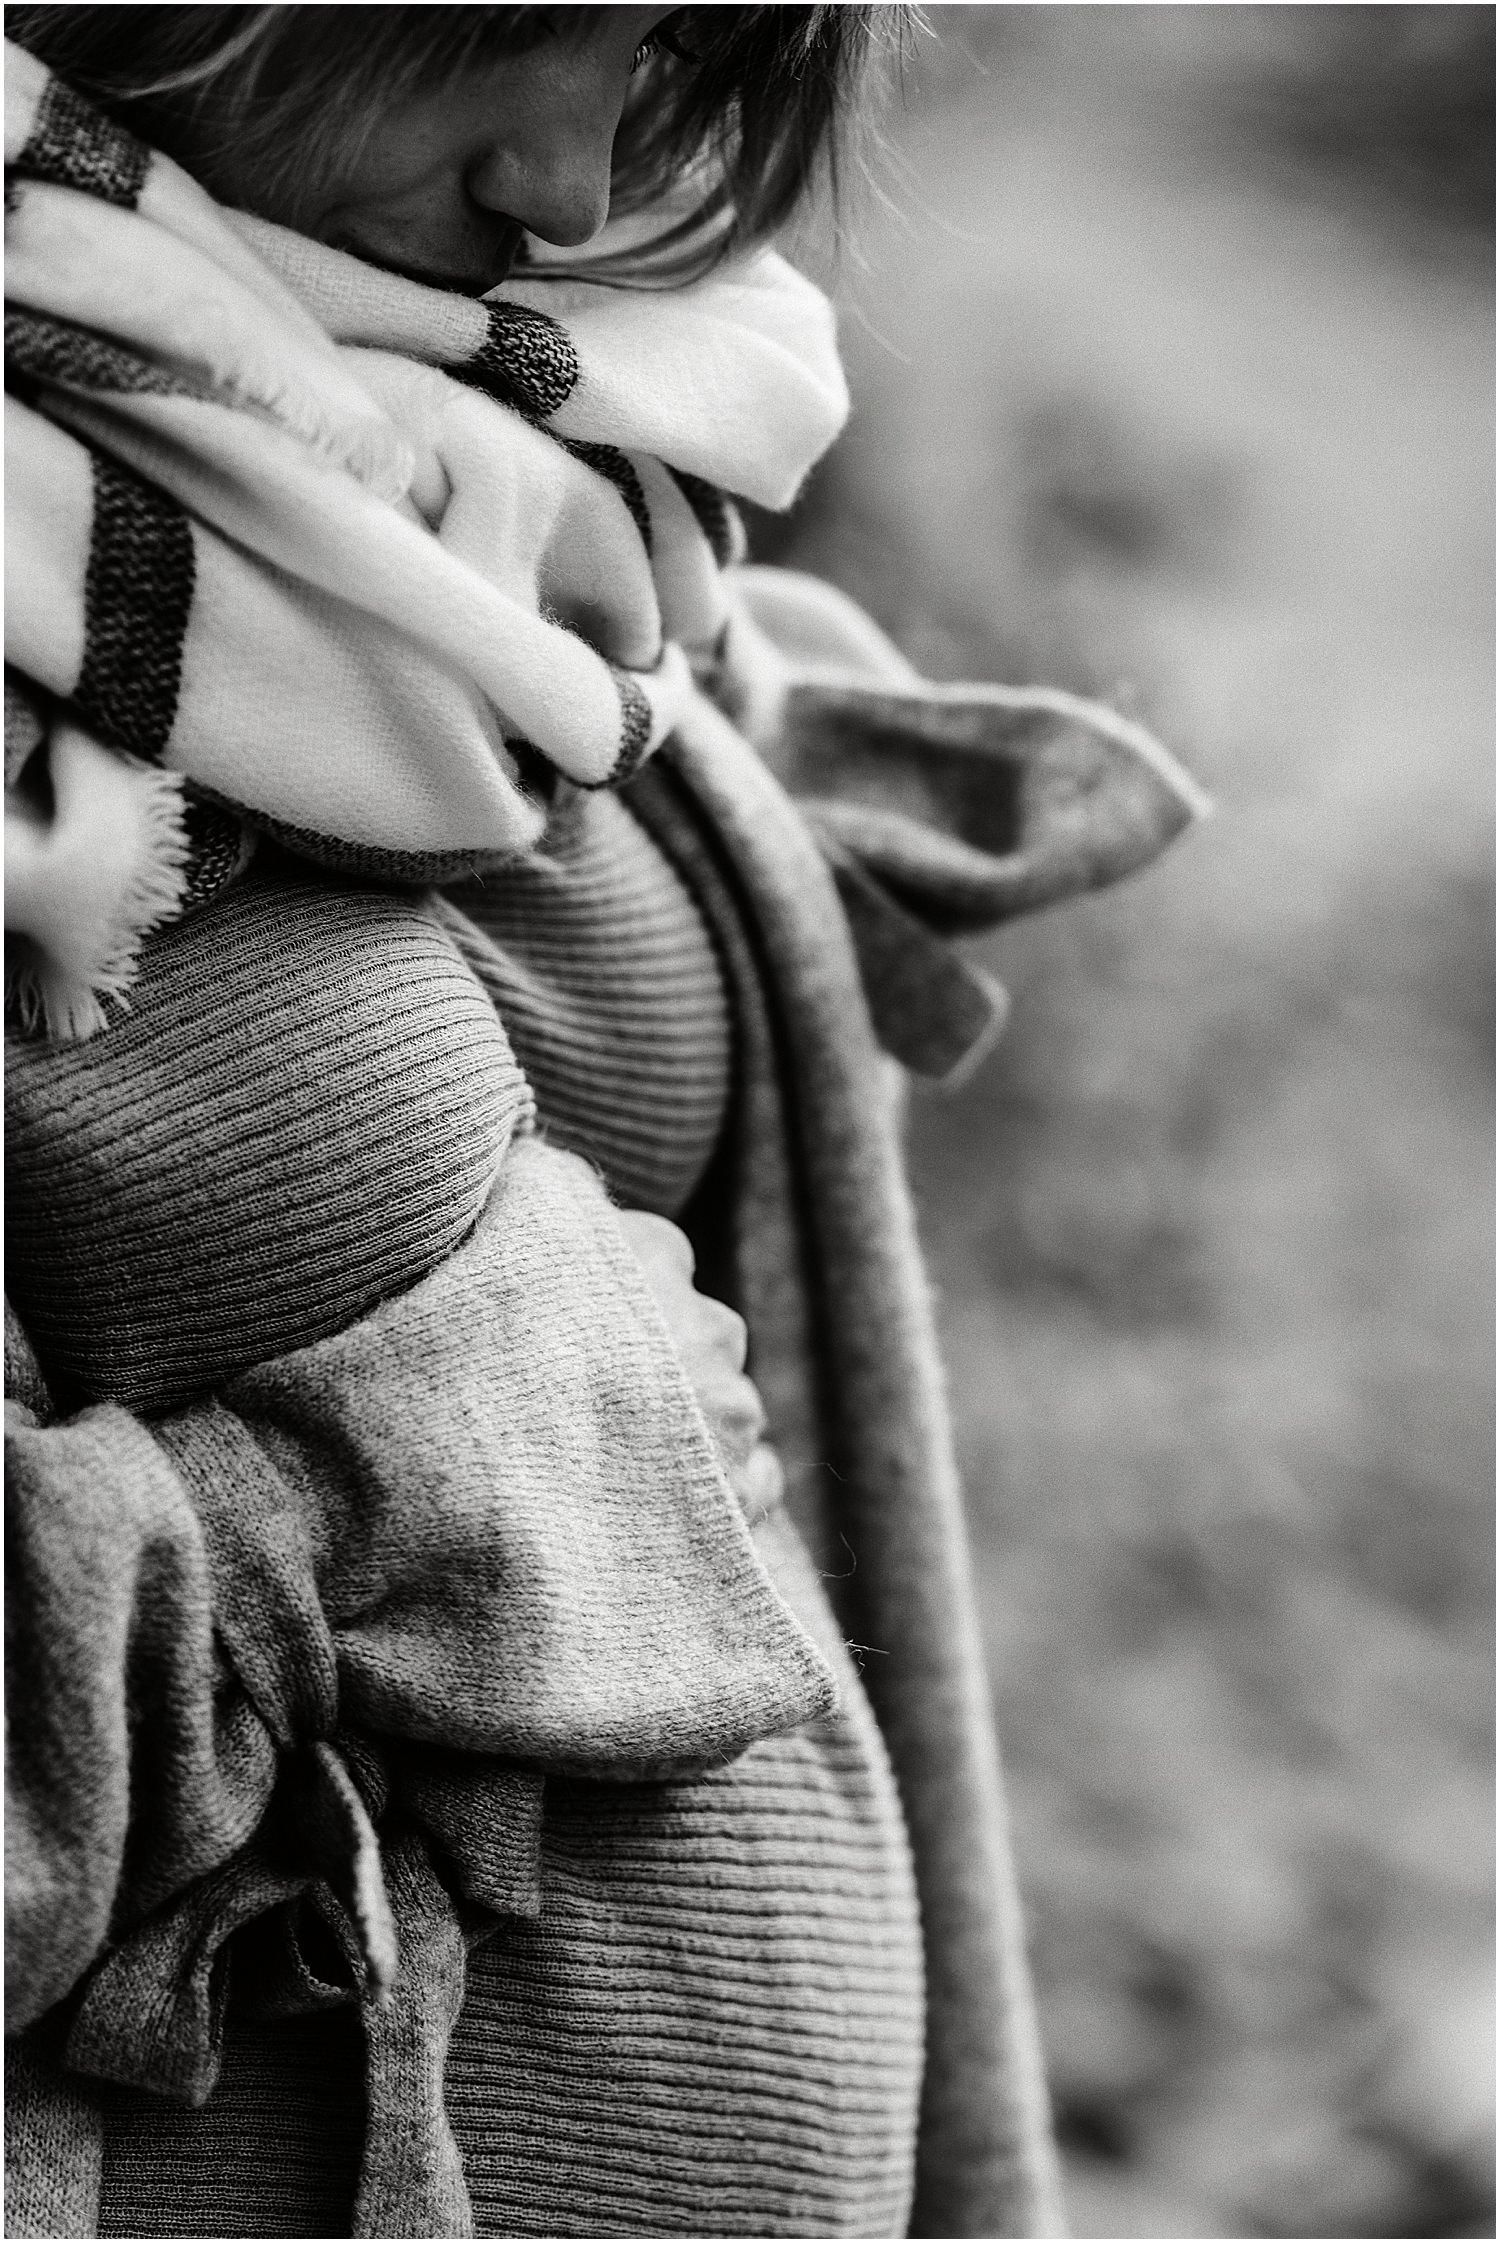 Babybauch, Babybauch Foto, Babybauch Fotograf, Fotograf Schwangerschaft, Schwangerschaftsfotos, Schwangerschafts Foto, Schwangerschaft Bilder, Babybauchbilder, Babybauchfotograf, Fotograf Ostschweiz, Fotograf St. Gallen, Fotograf Arbon, Geschwister, Babybauch im Wald, besondere Schwangerschaftsbilder, Zeitlose Fotografie, SSW Fotos